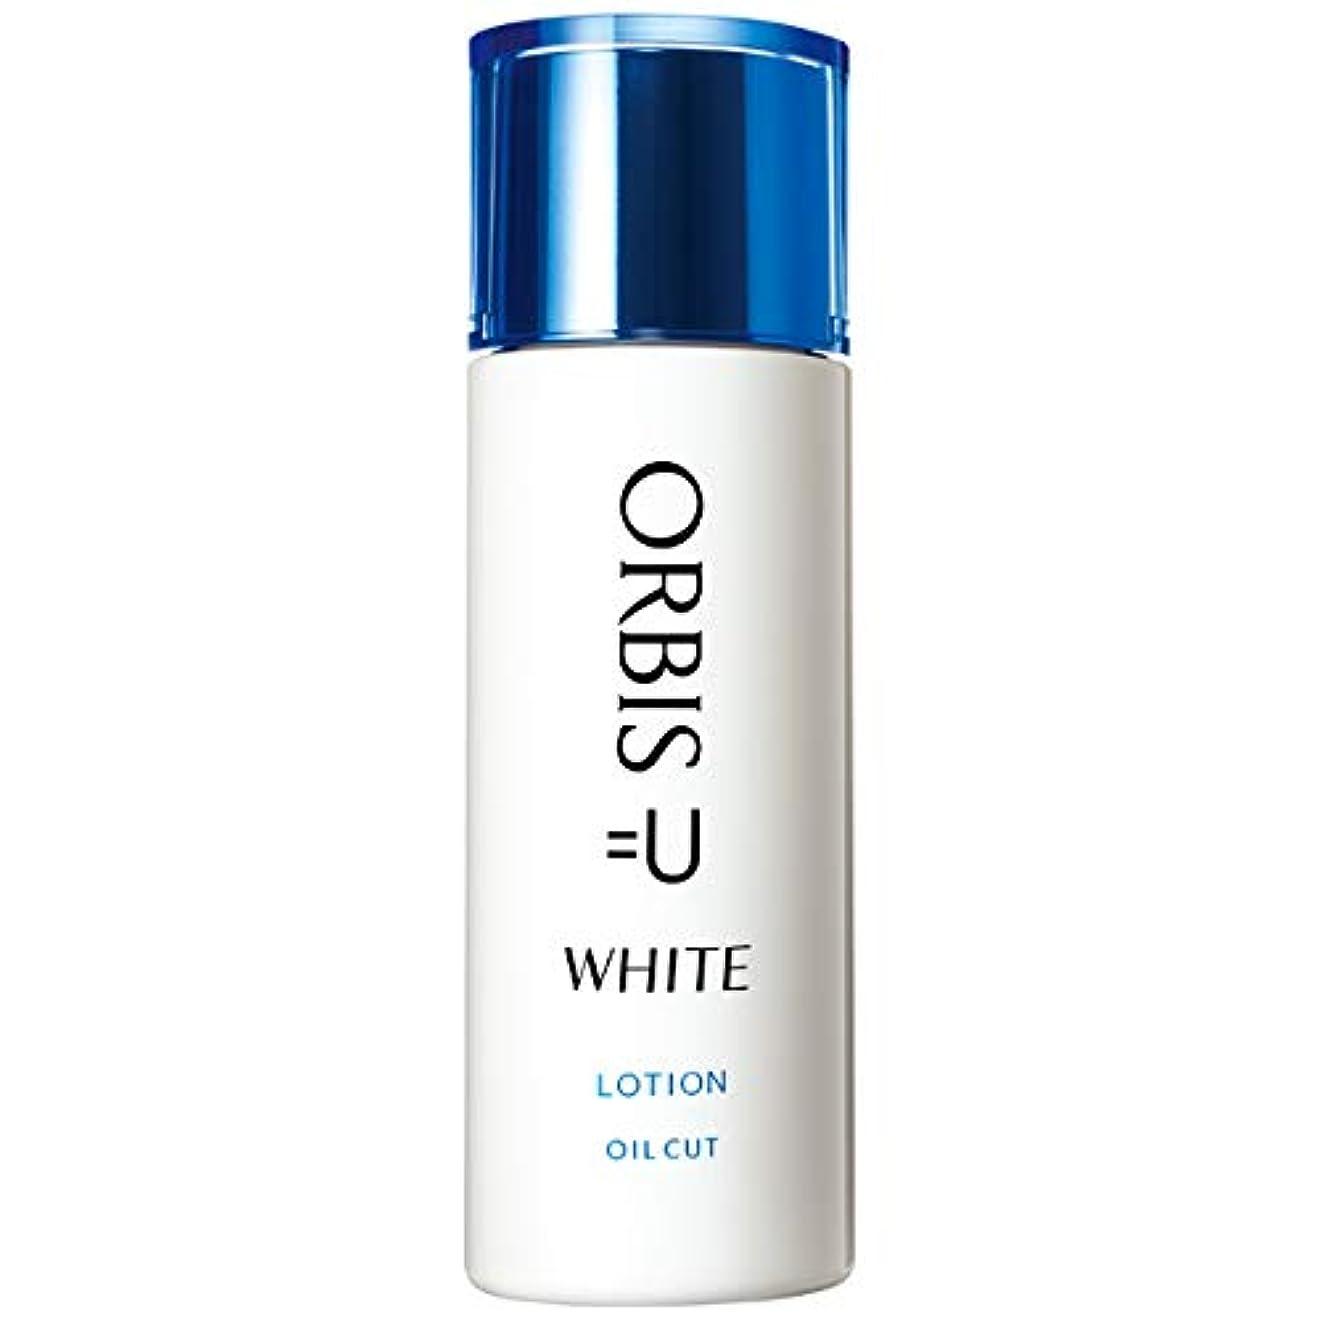 単調な精神的に擬人オルビス(ORBIS) オルビスユー ホワイト ローション 180mL 化粧水 [医薬部外品]